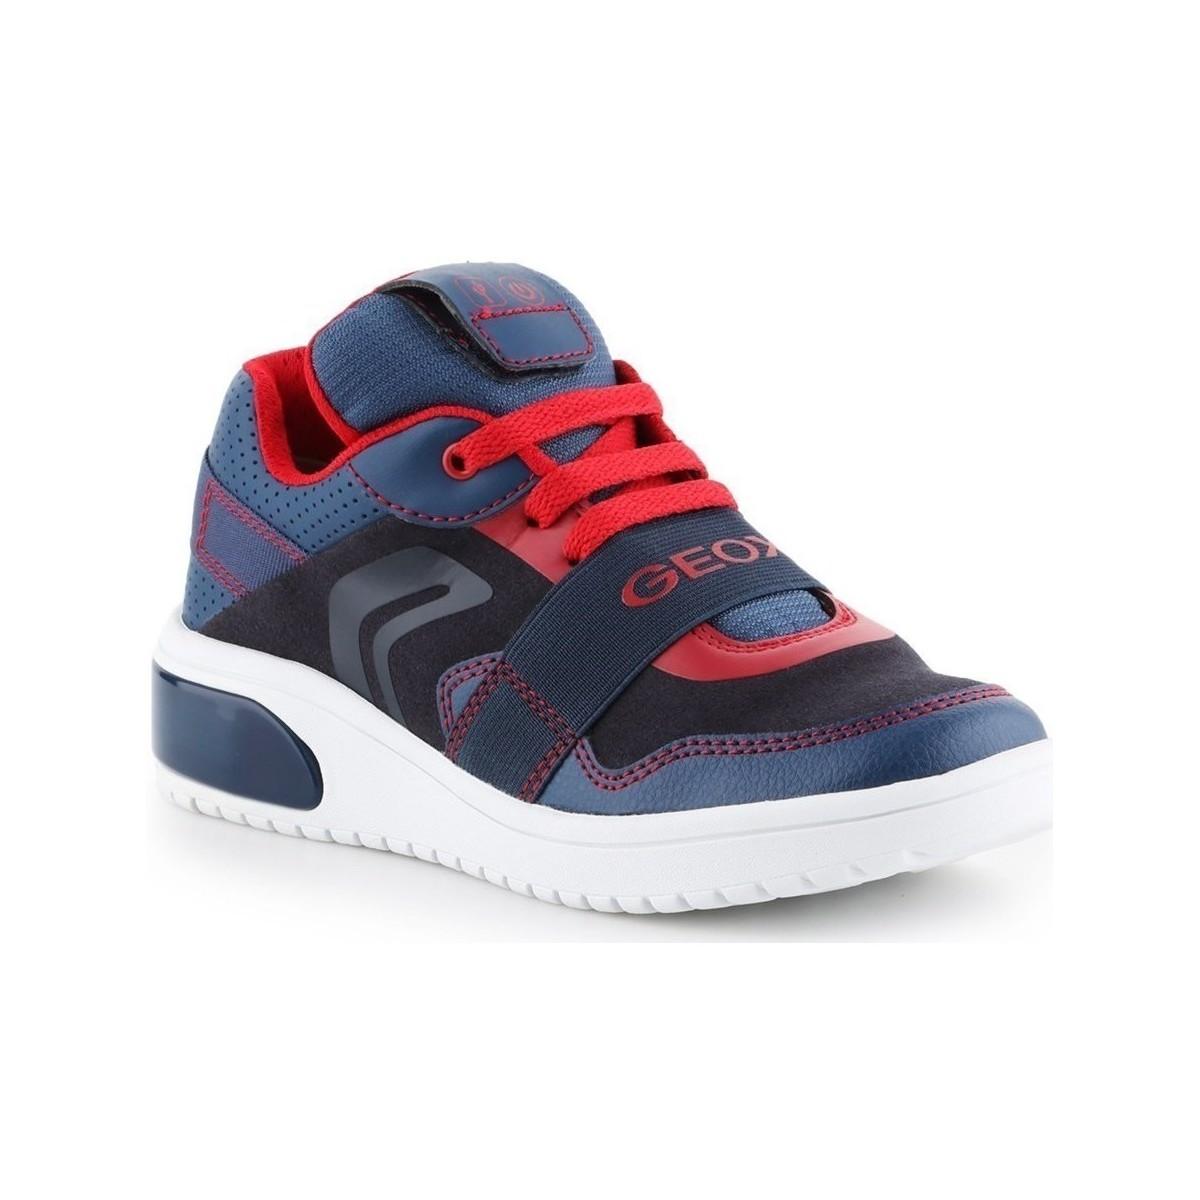 Sneakers Geox  JR Xled Boy